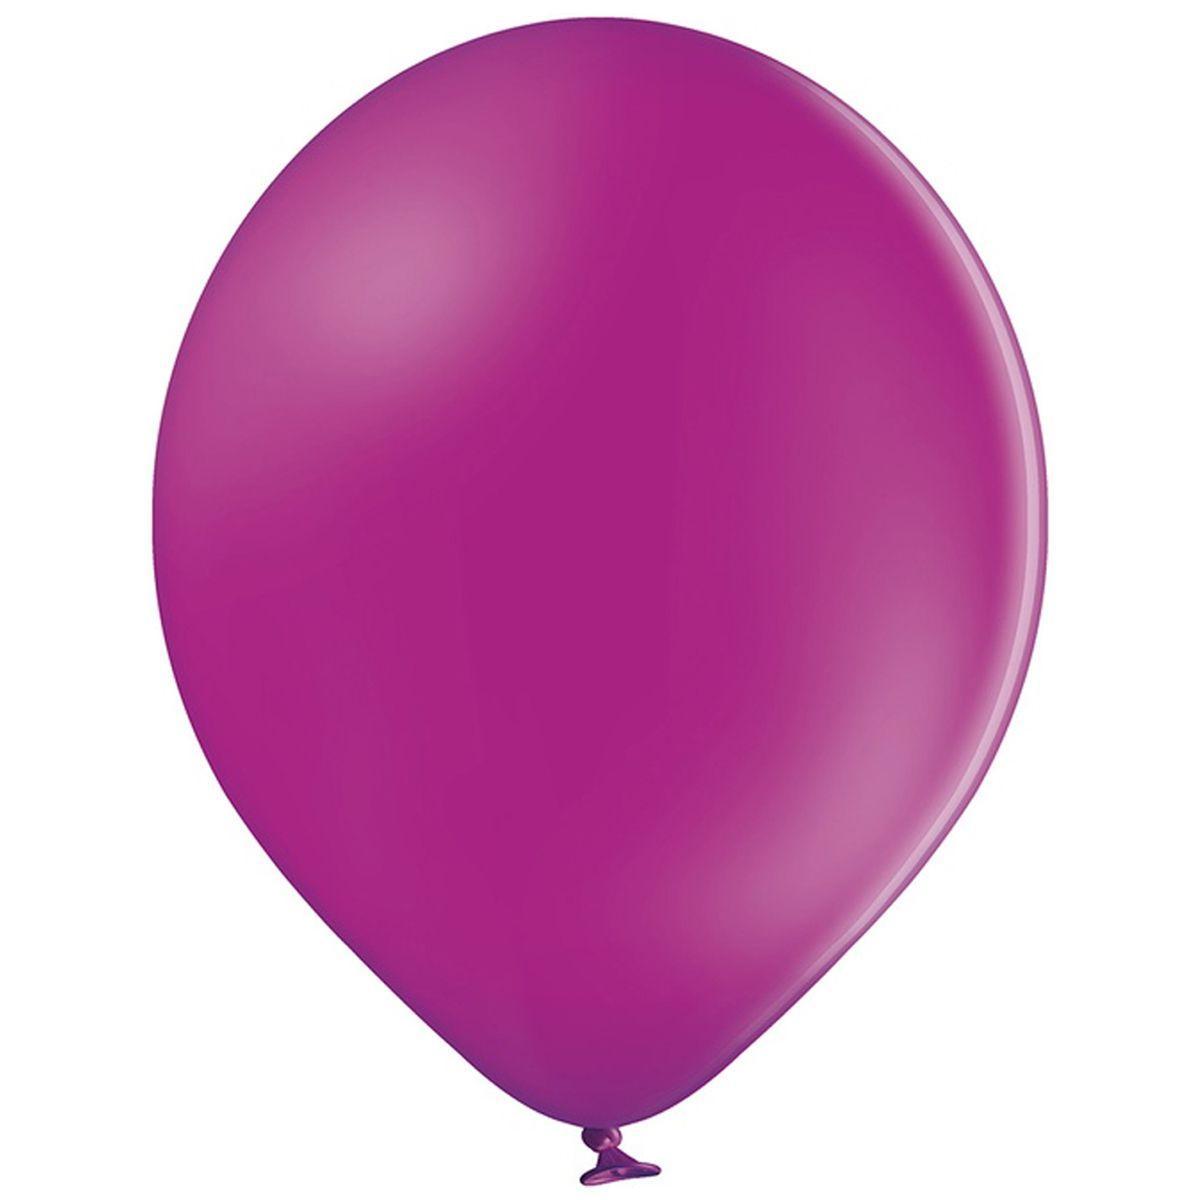 """Кулька 12""""/30 виноград фіолетовий екстра 441 латекс пастель ТМ """"Belbal"""" однотонний шт."""